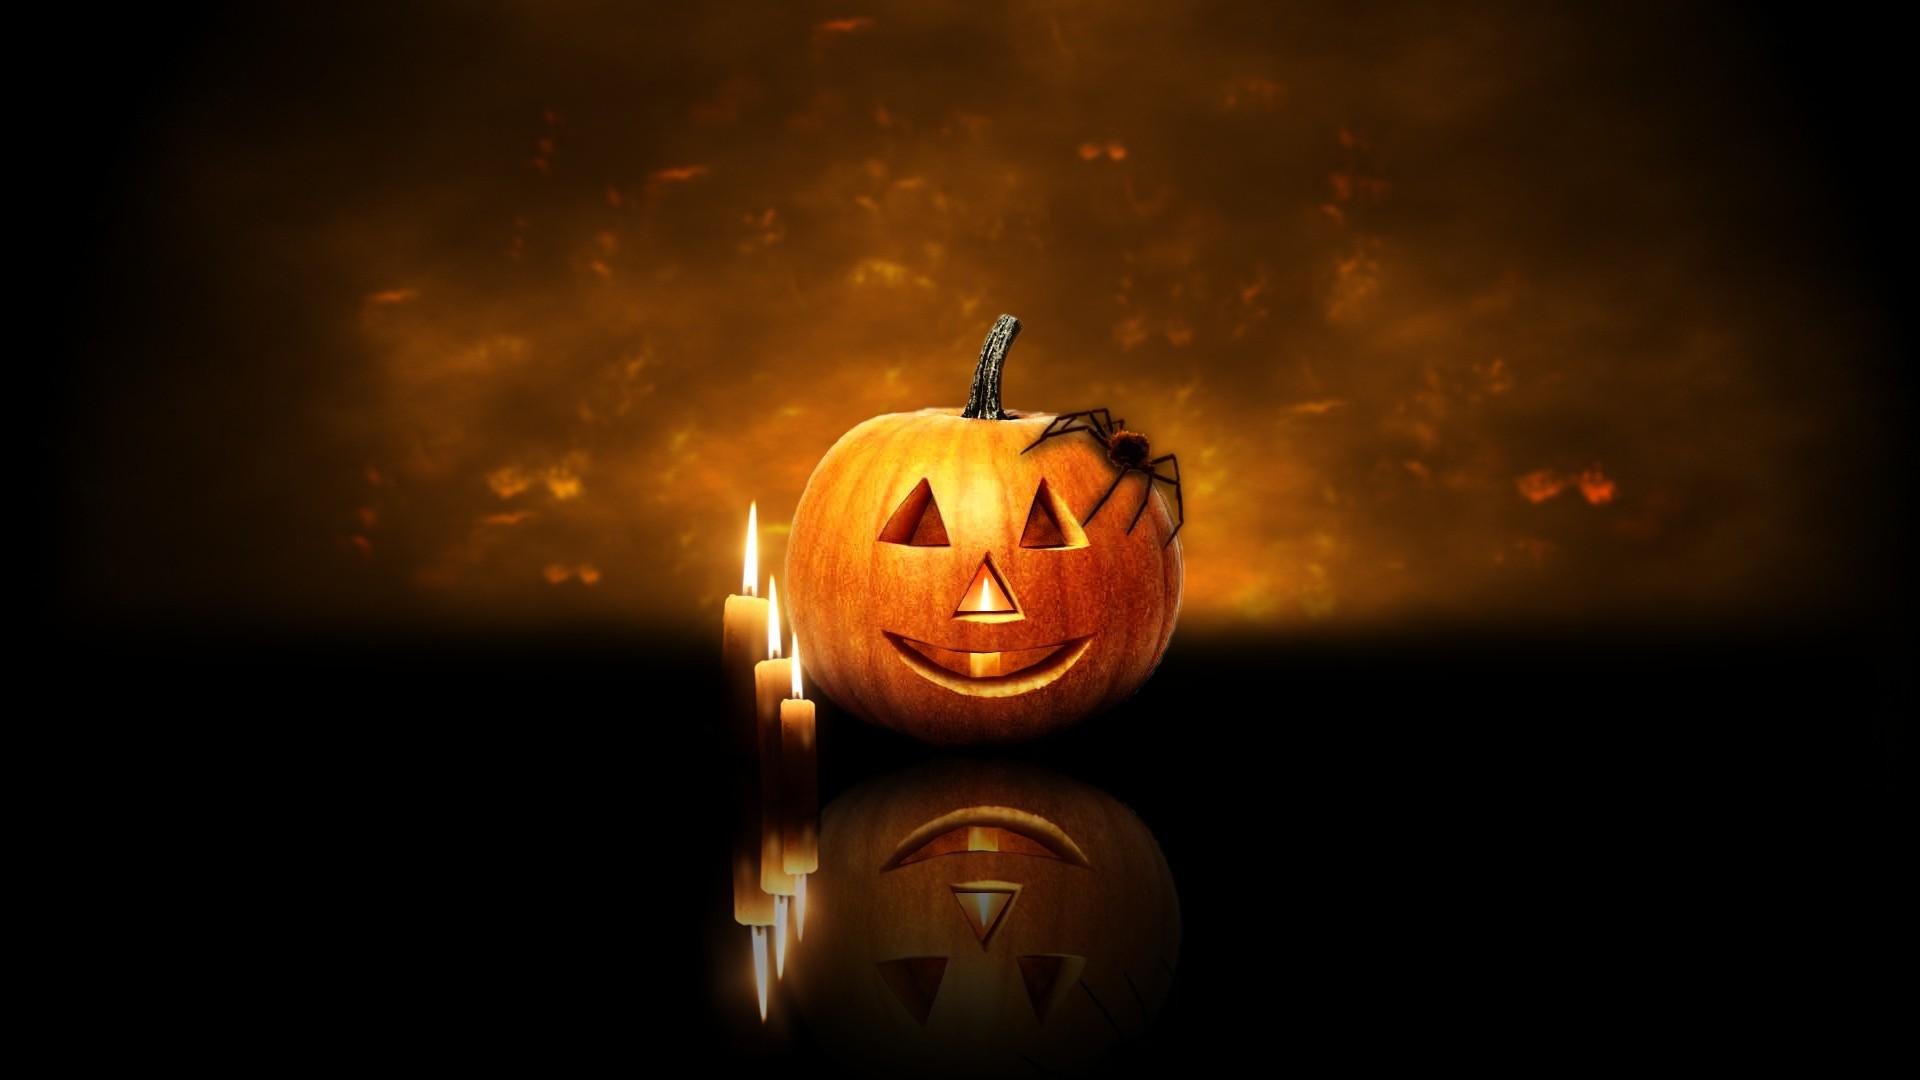 Simple Wallpaper Halloween Facebook - 169287  Image_47388.jpg